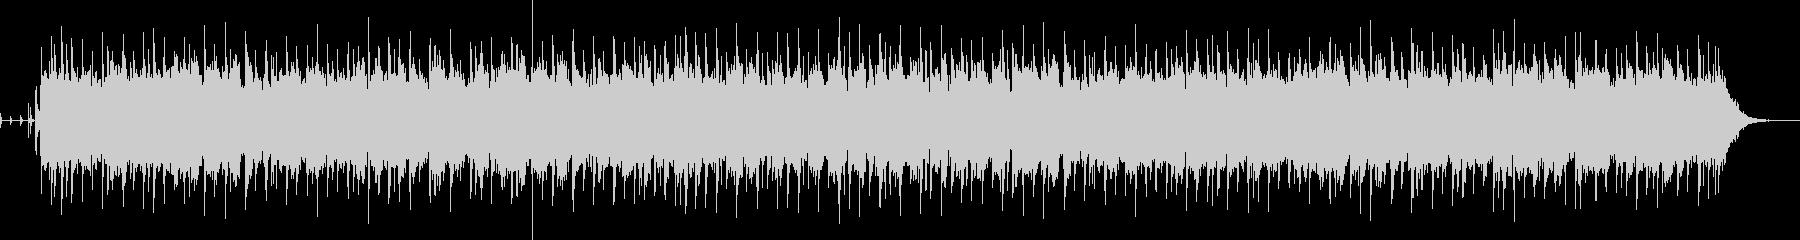 ゆっくり・切ない雰囲気のBGMの未再生の波形